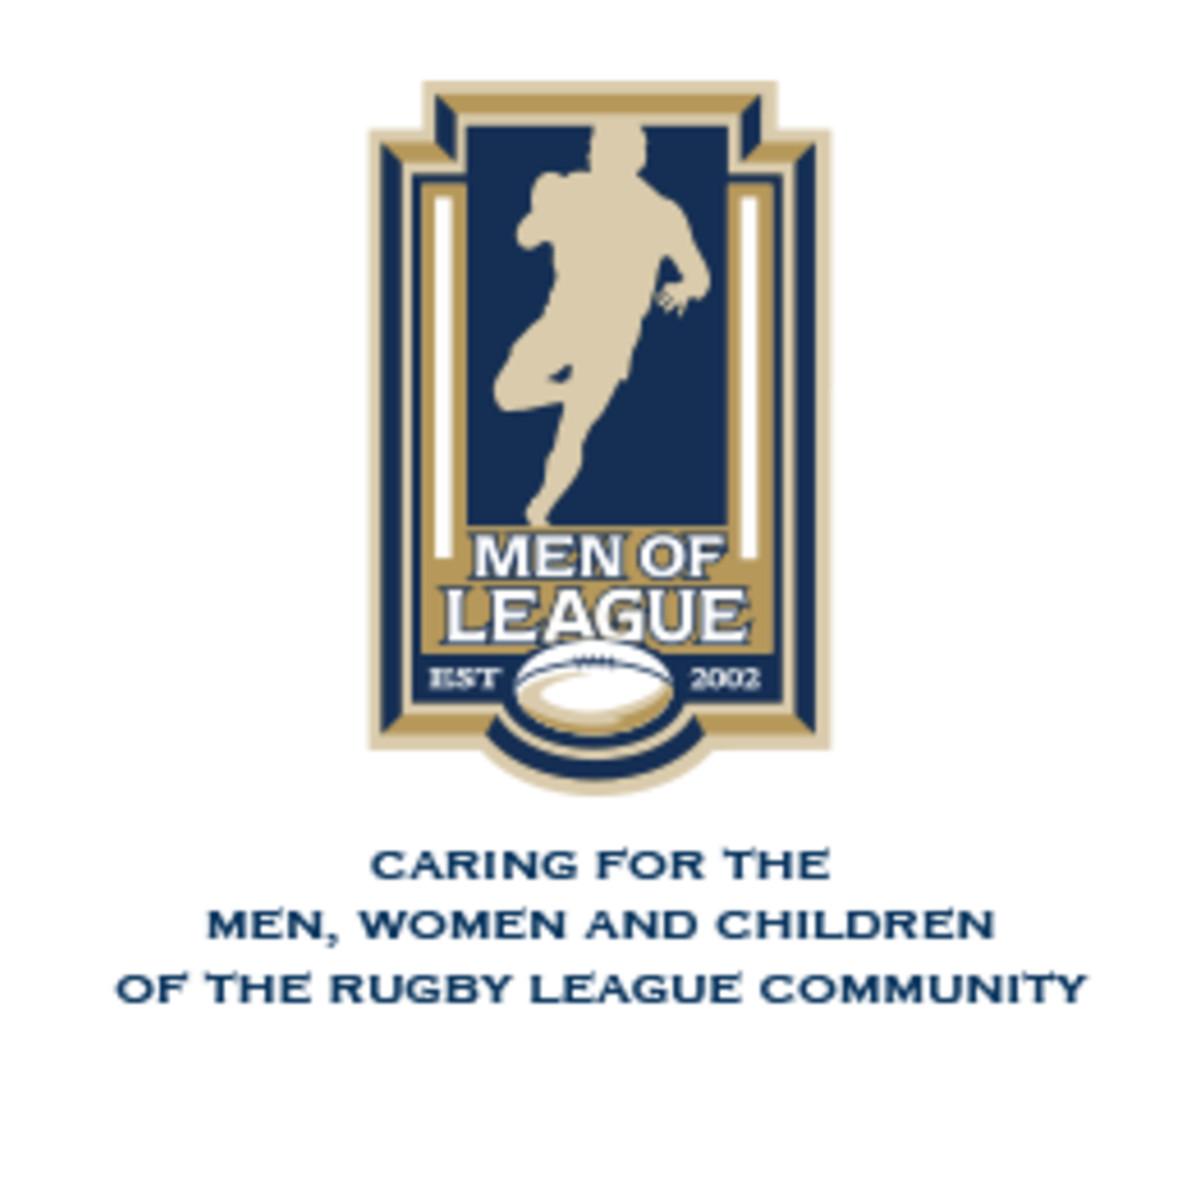 Men of League Foundation